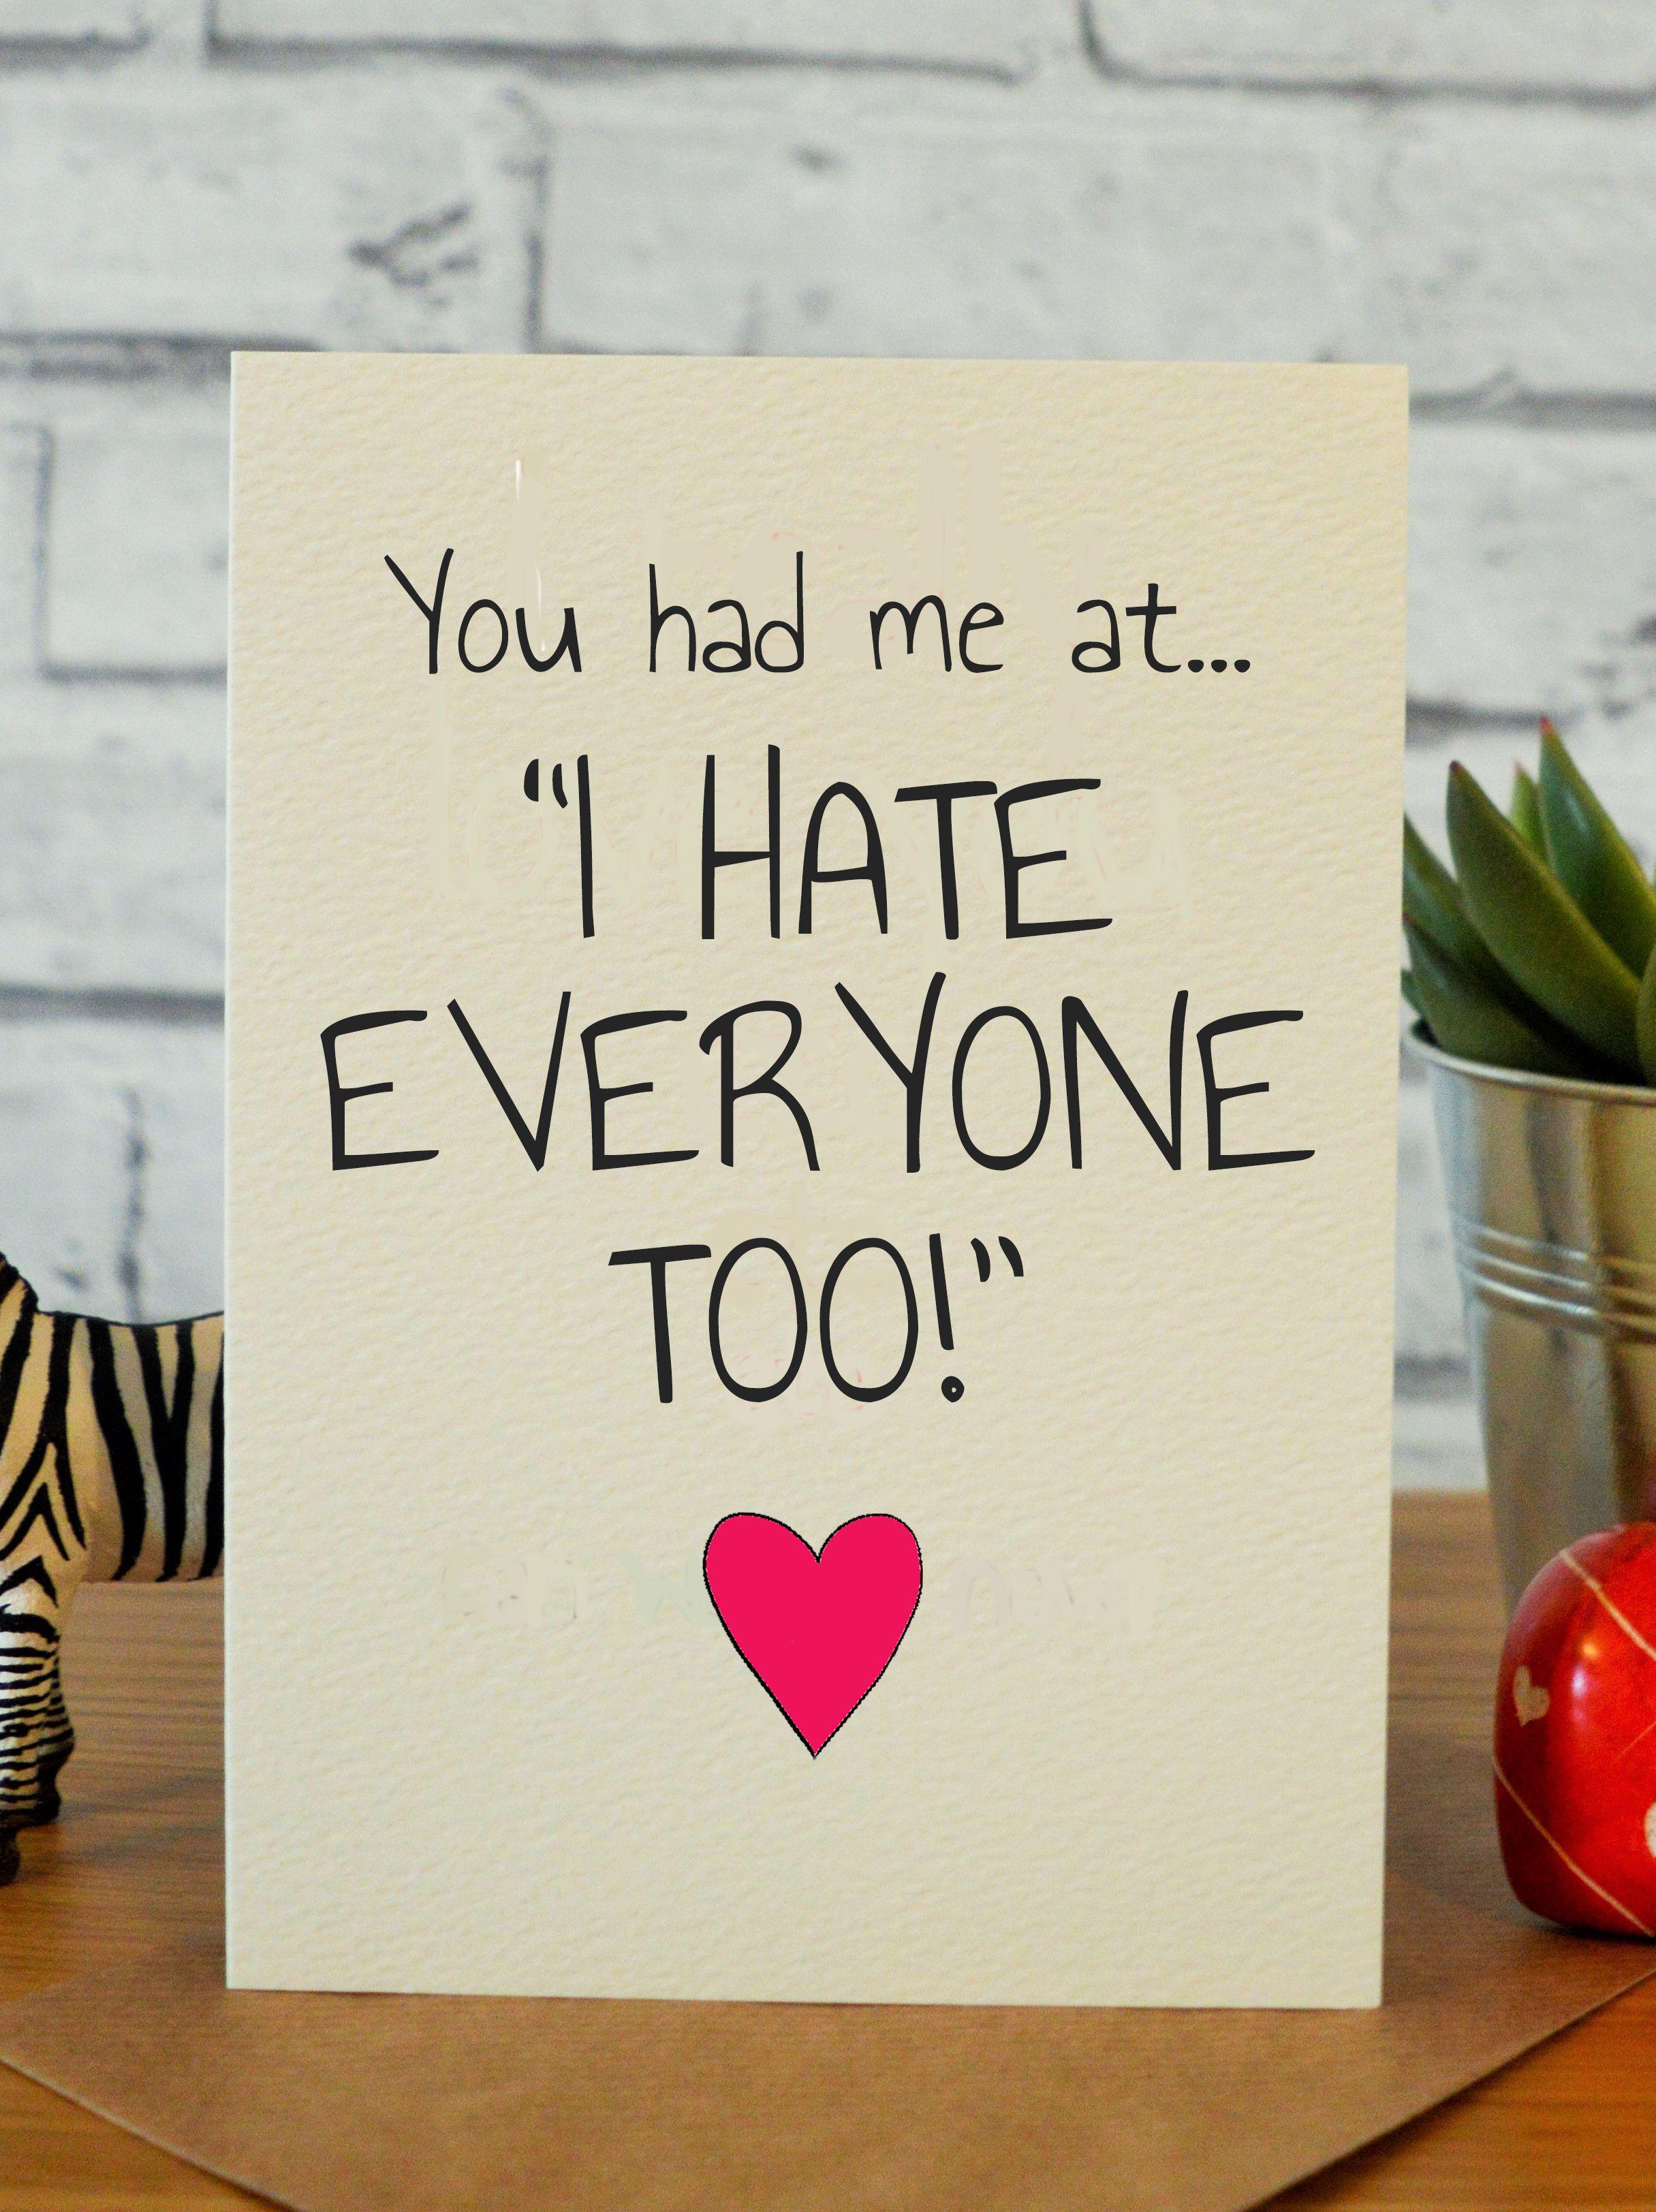 Hate everyone too